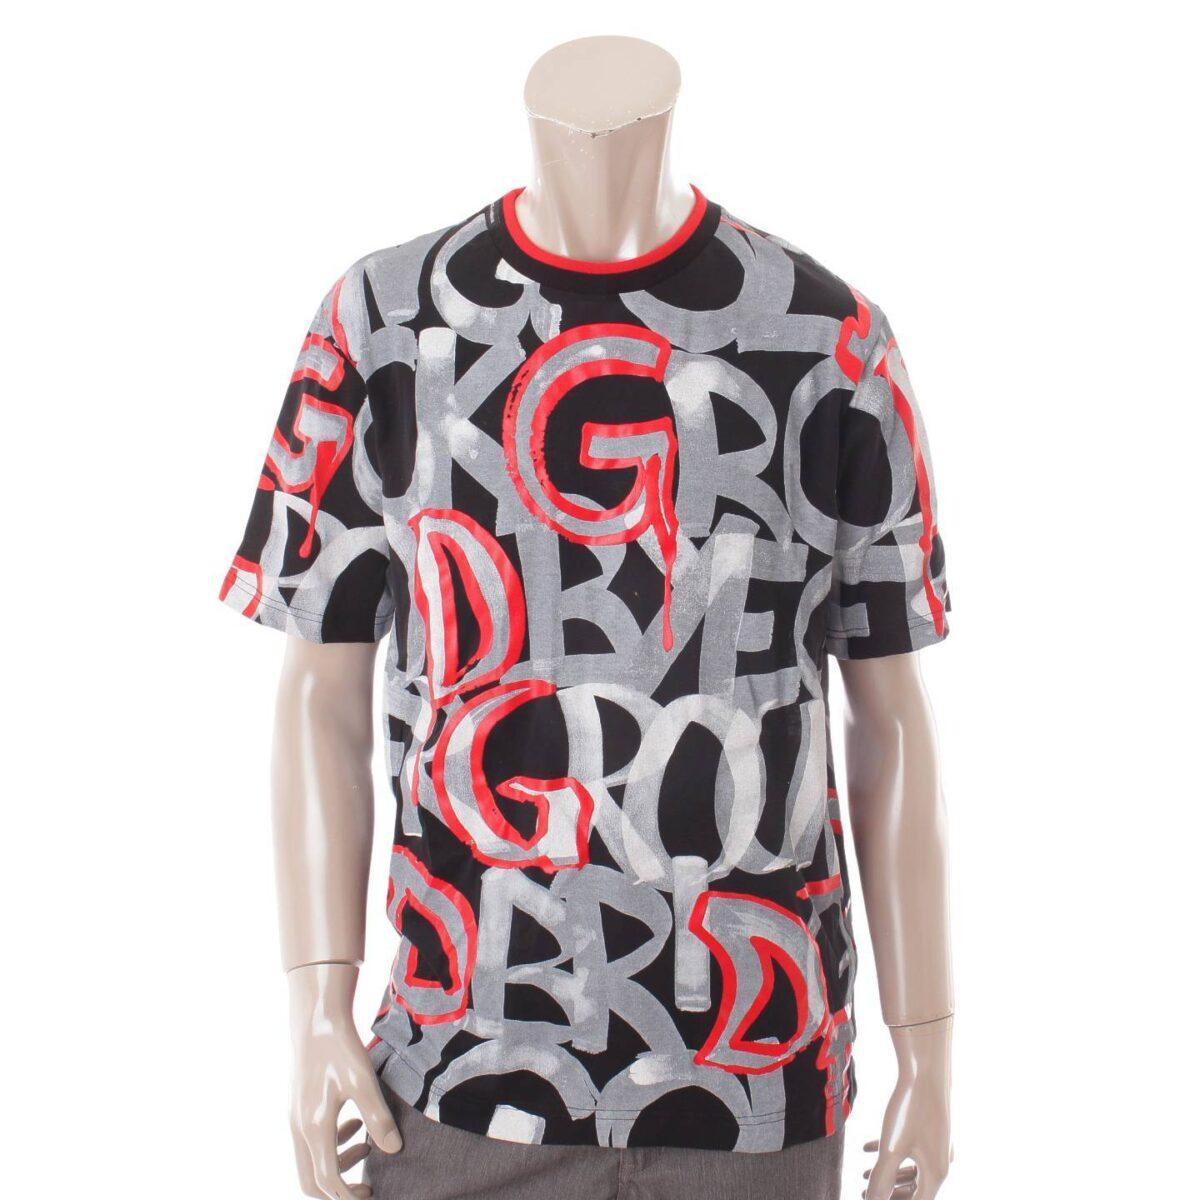 ドルチェ&ガッバーナ メンズ ロゴ グラフィティ Tシャツ カットソー G8JT0T ブラック